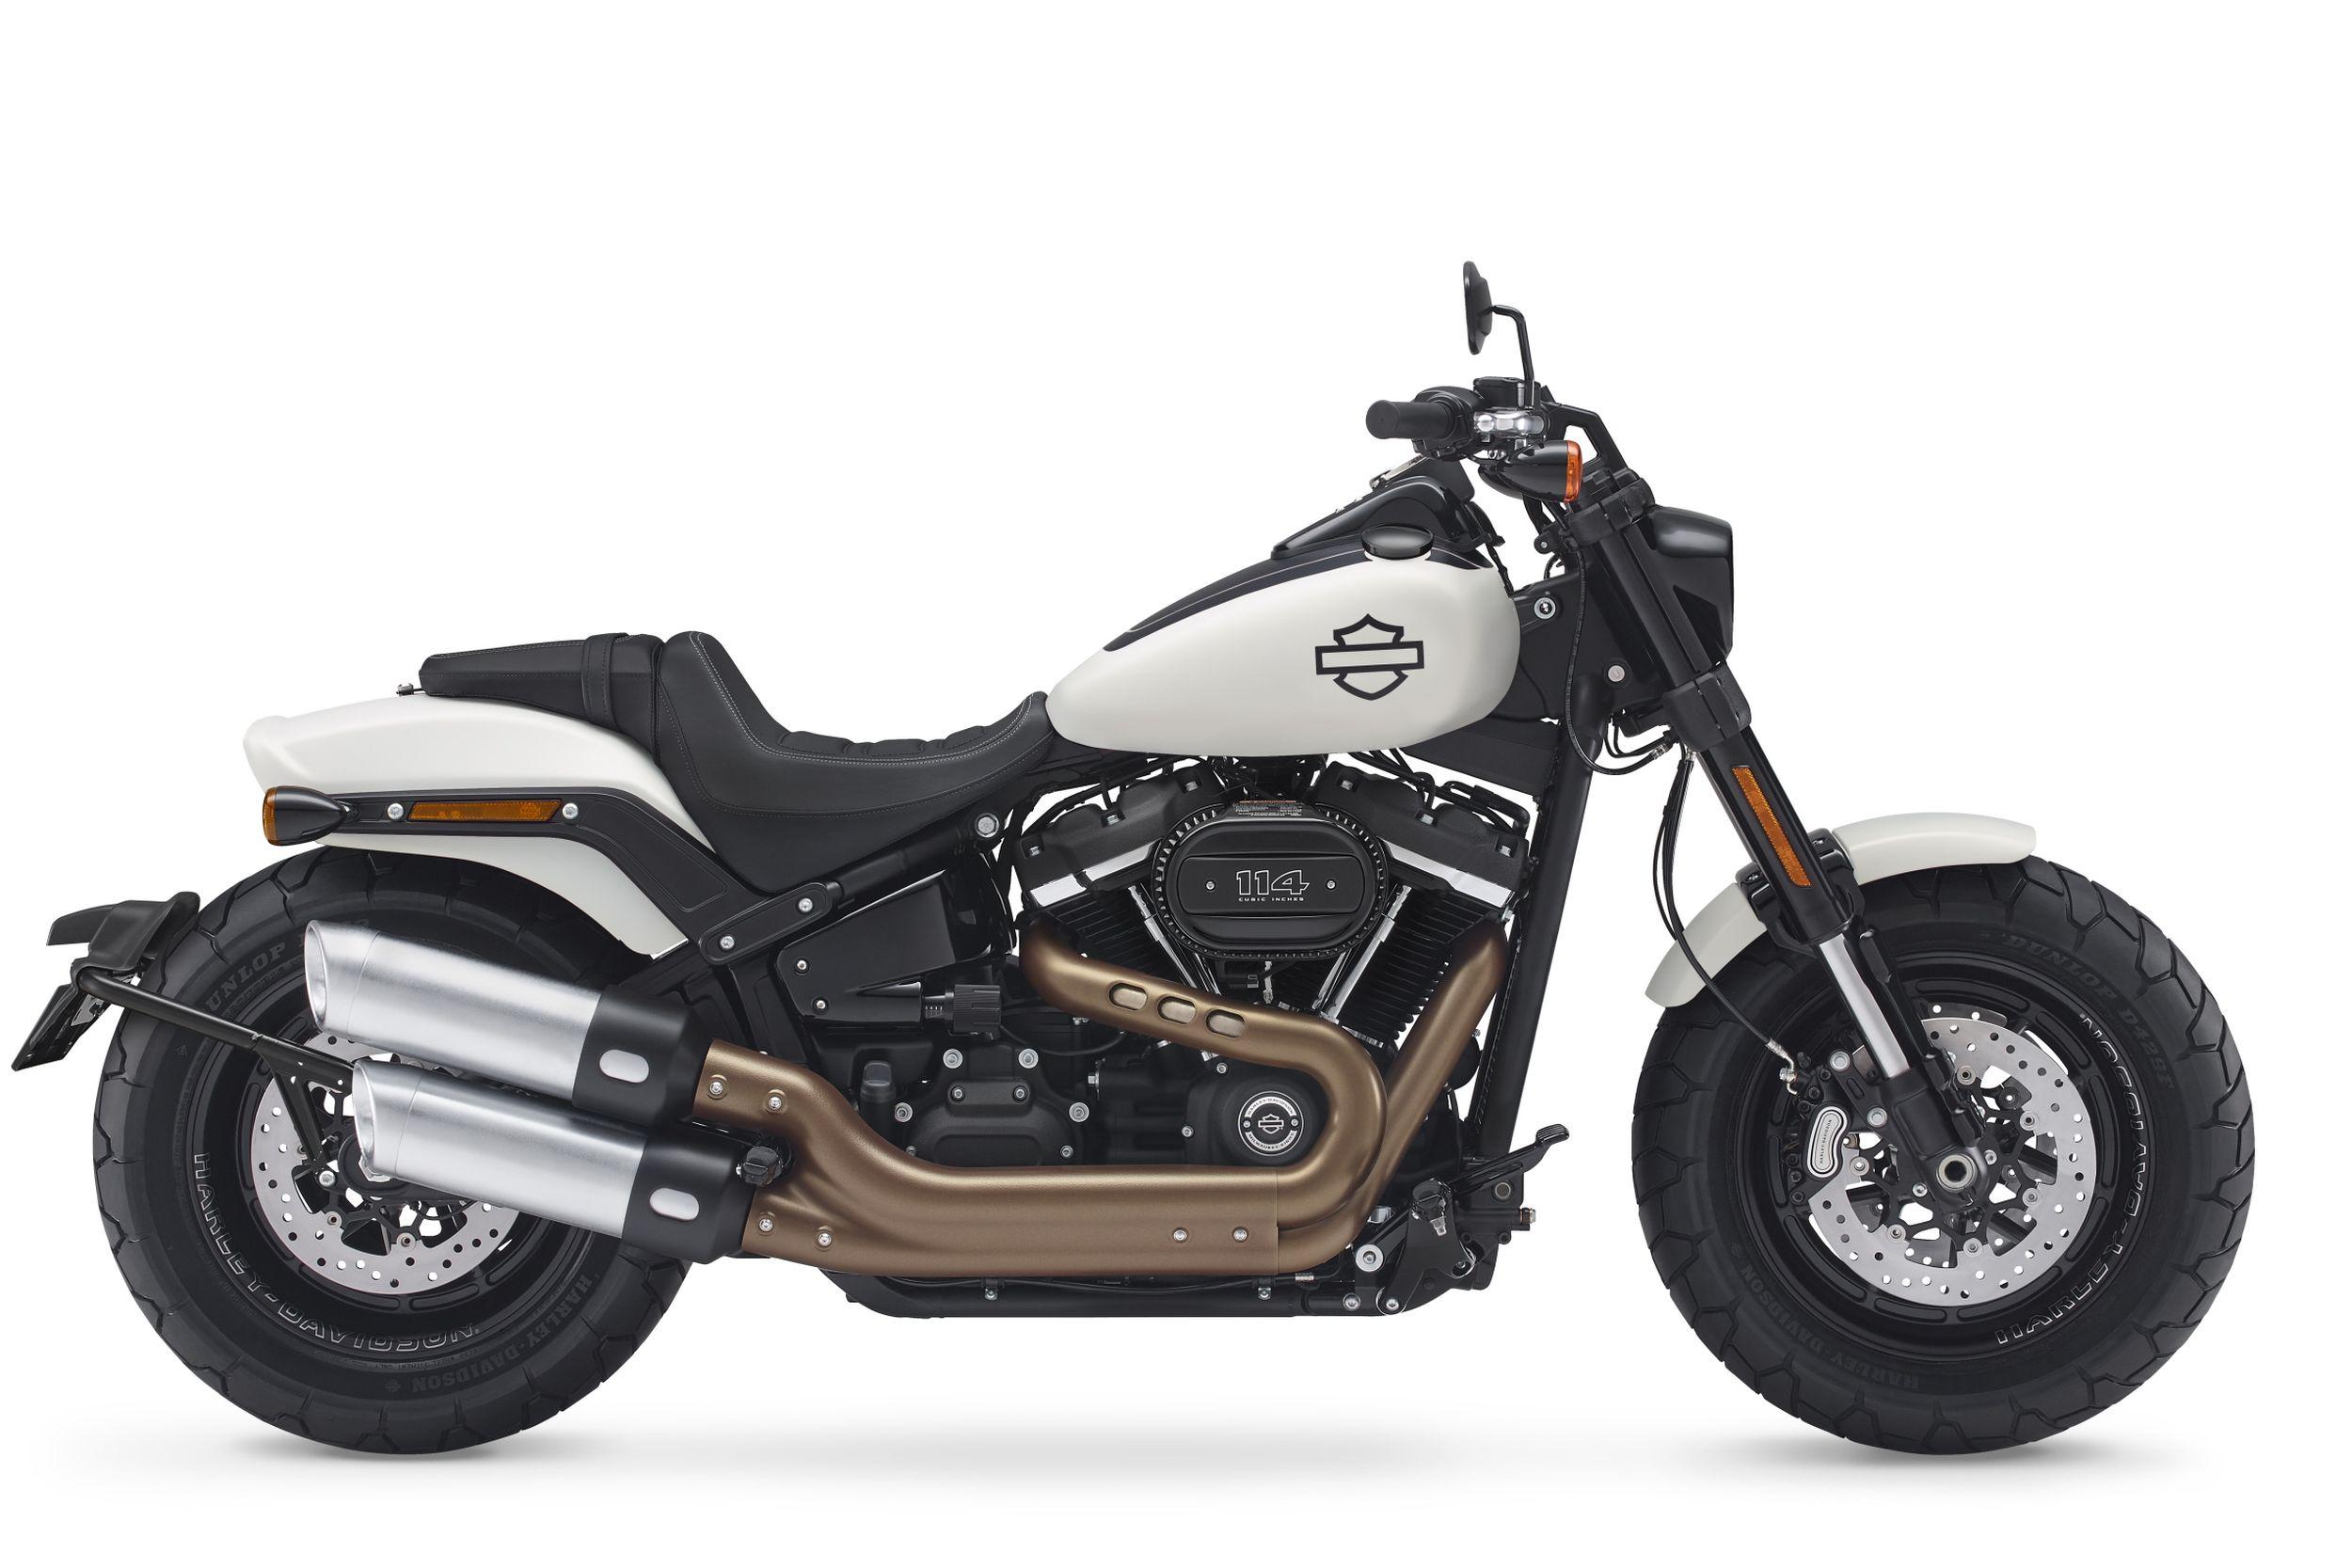 Gebrauchte und neue Harley-Davidson Softail Fat Bob 114 FXFBS ...